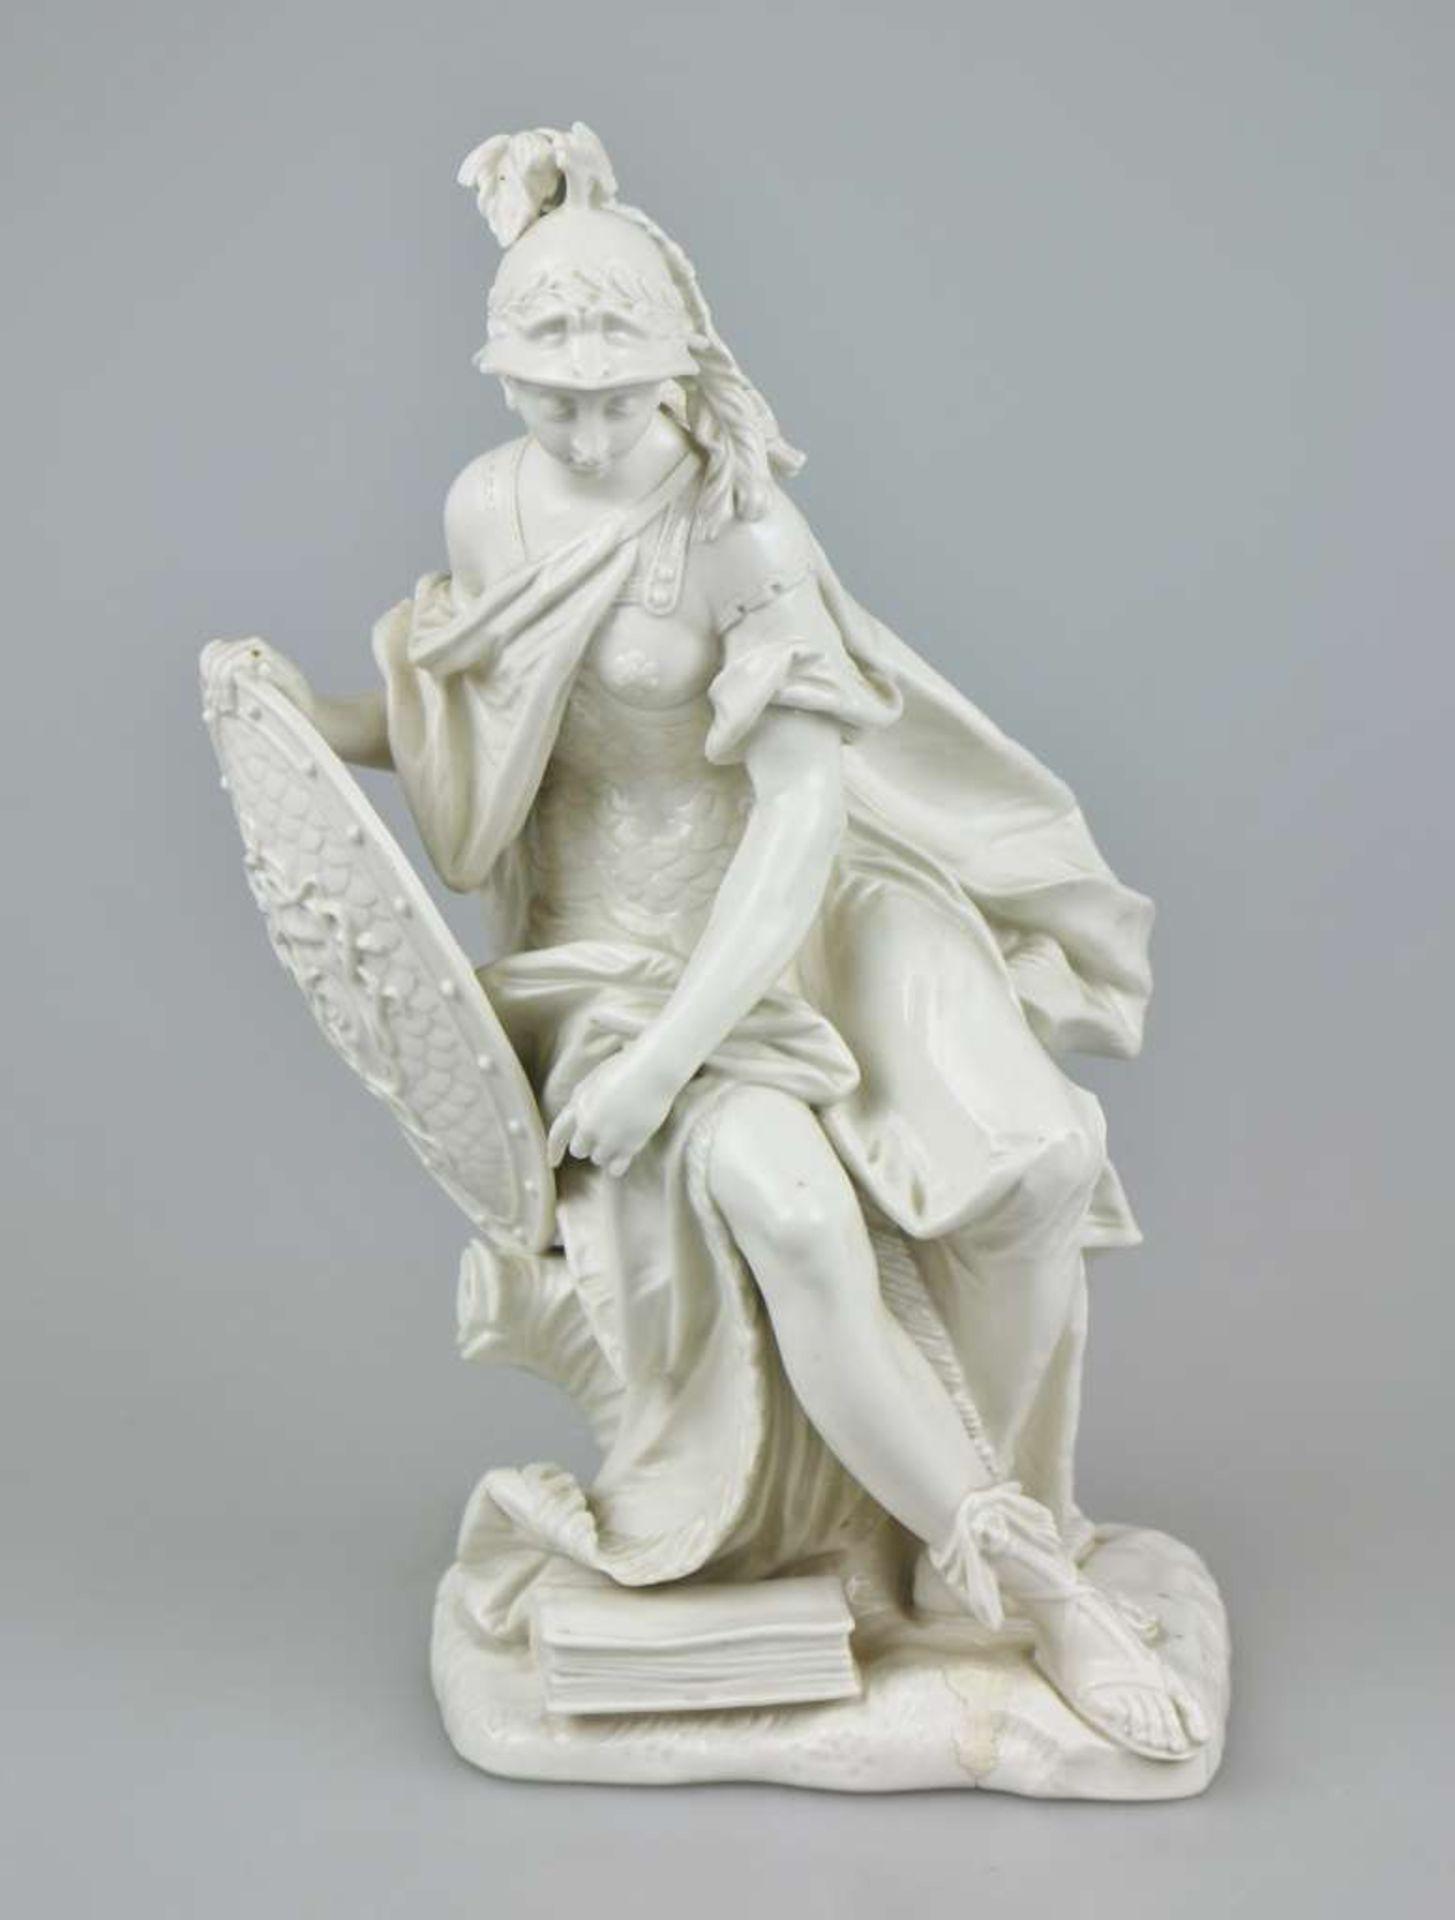 Minerva, Modell von Dominikus Auliczek (1734-1804) um 1770, Nymphenburg um 1900, Weißporzellan